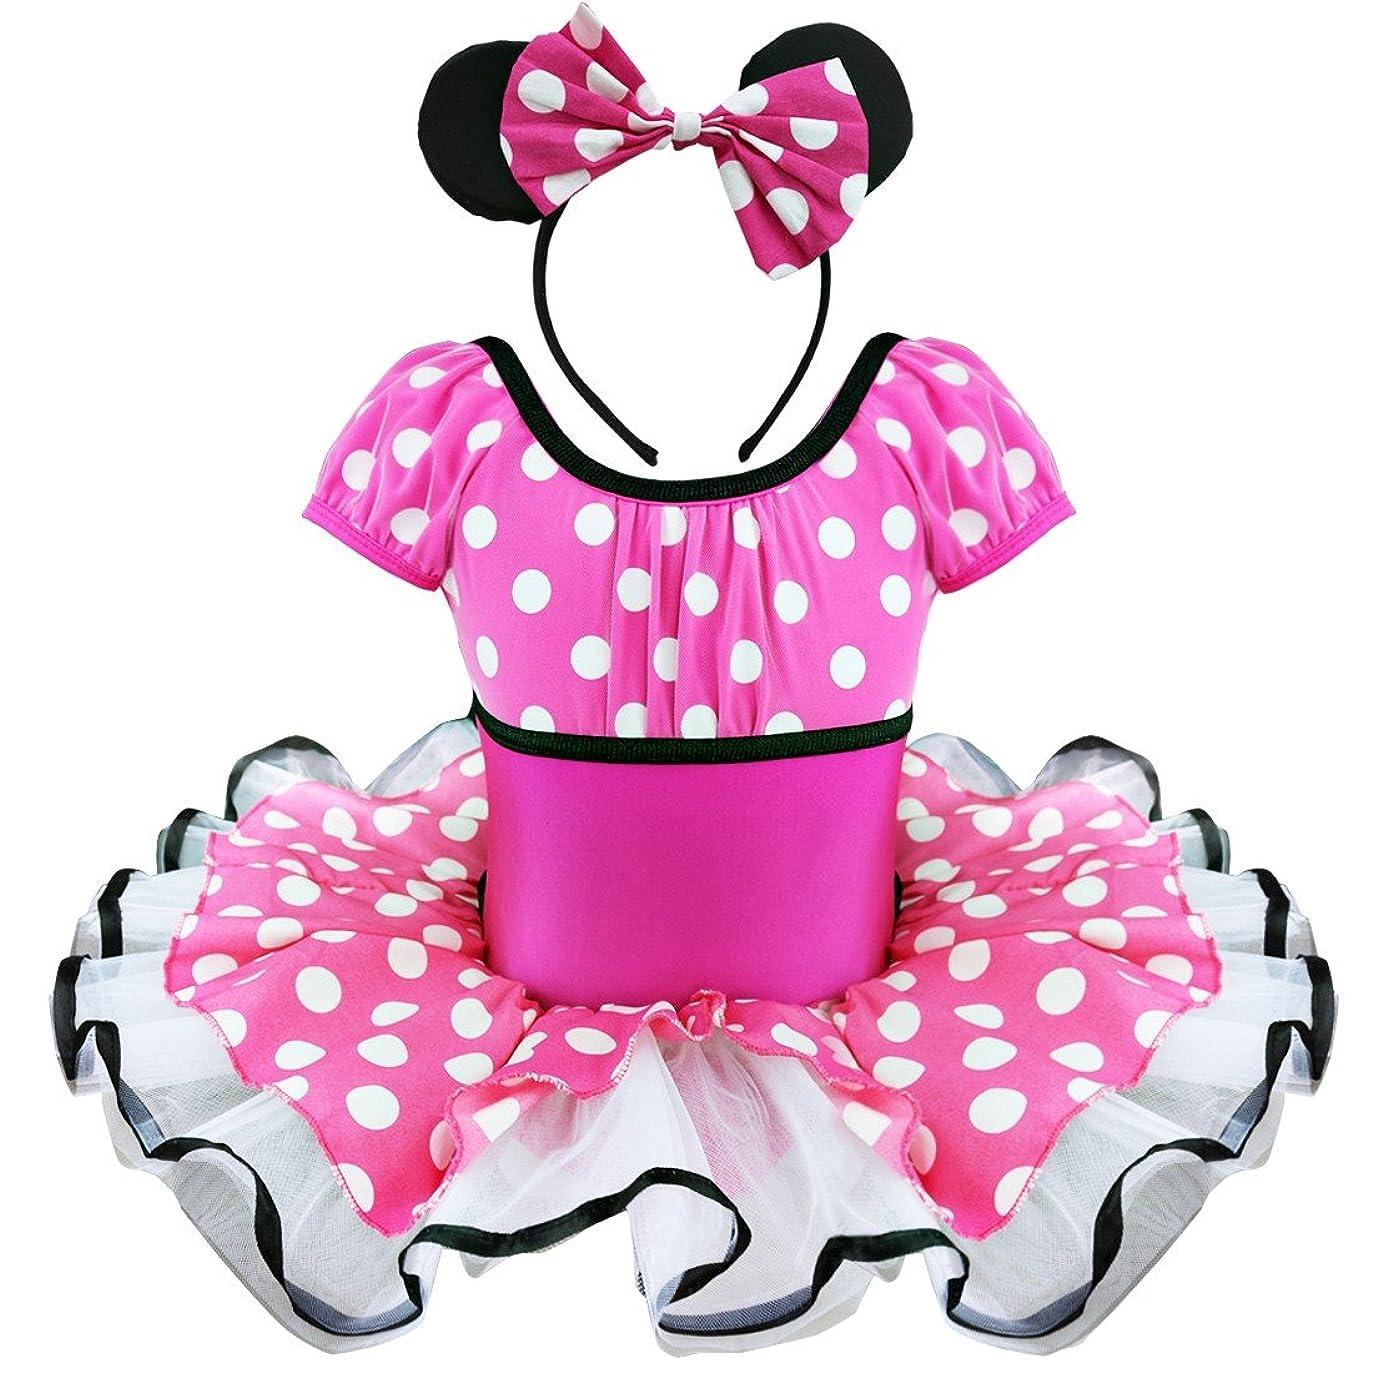 リーズそれらワンダー(イーエフイー)EFE 女の子 ダンス衣装 ミニーバレエ レオタード チュチュスカート カチューシャ 2点セット バレエウェア ふわふわ 可愛い 子供ジュニア キッズ 新体操 ステージ衣装